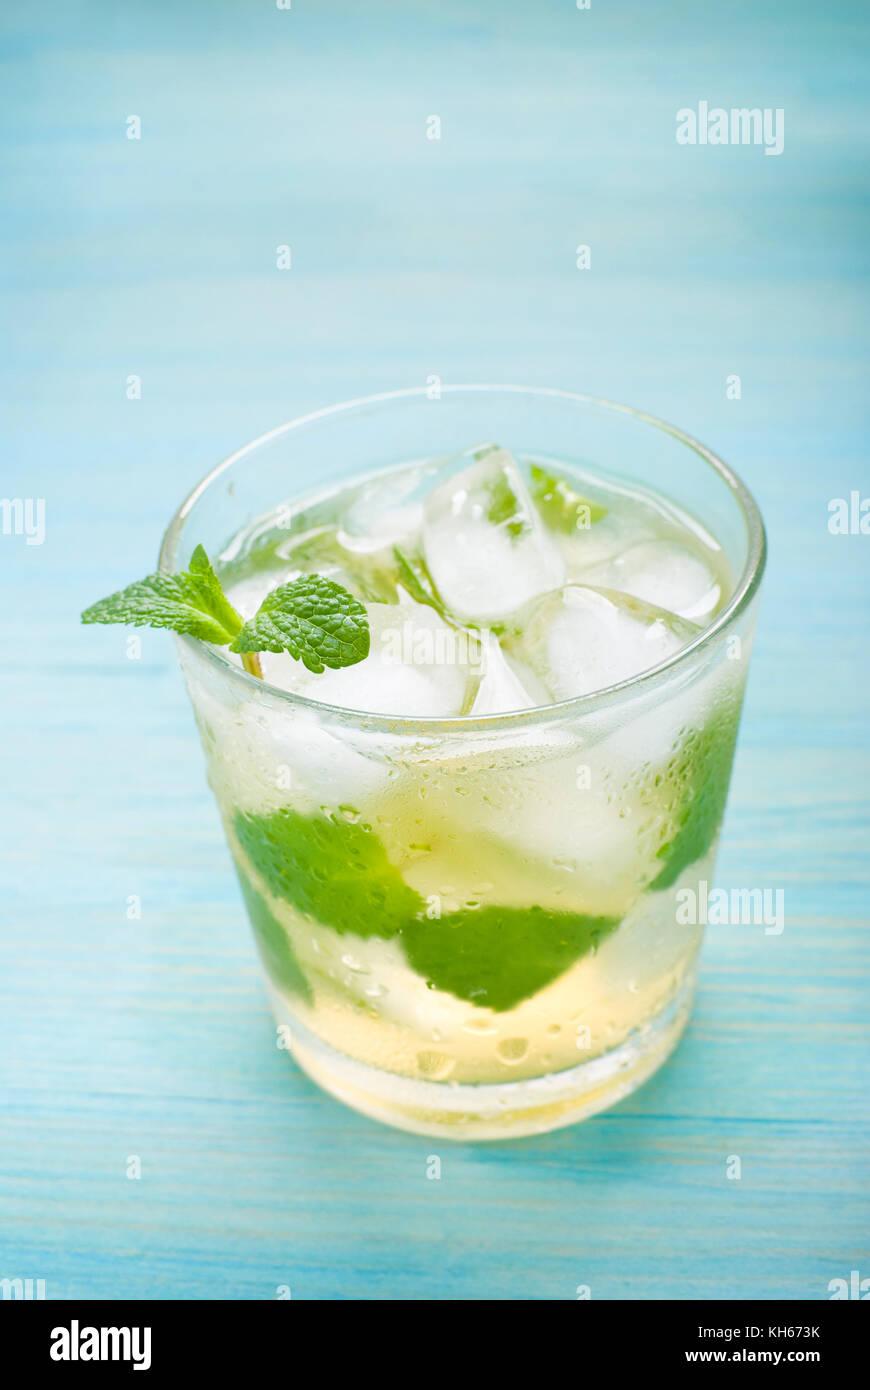 Cocktail mit Minze und Eis auf Blau Holz- Hintergrund Stockbild